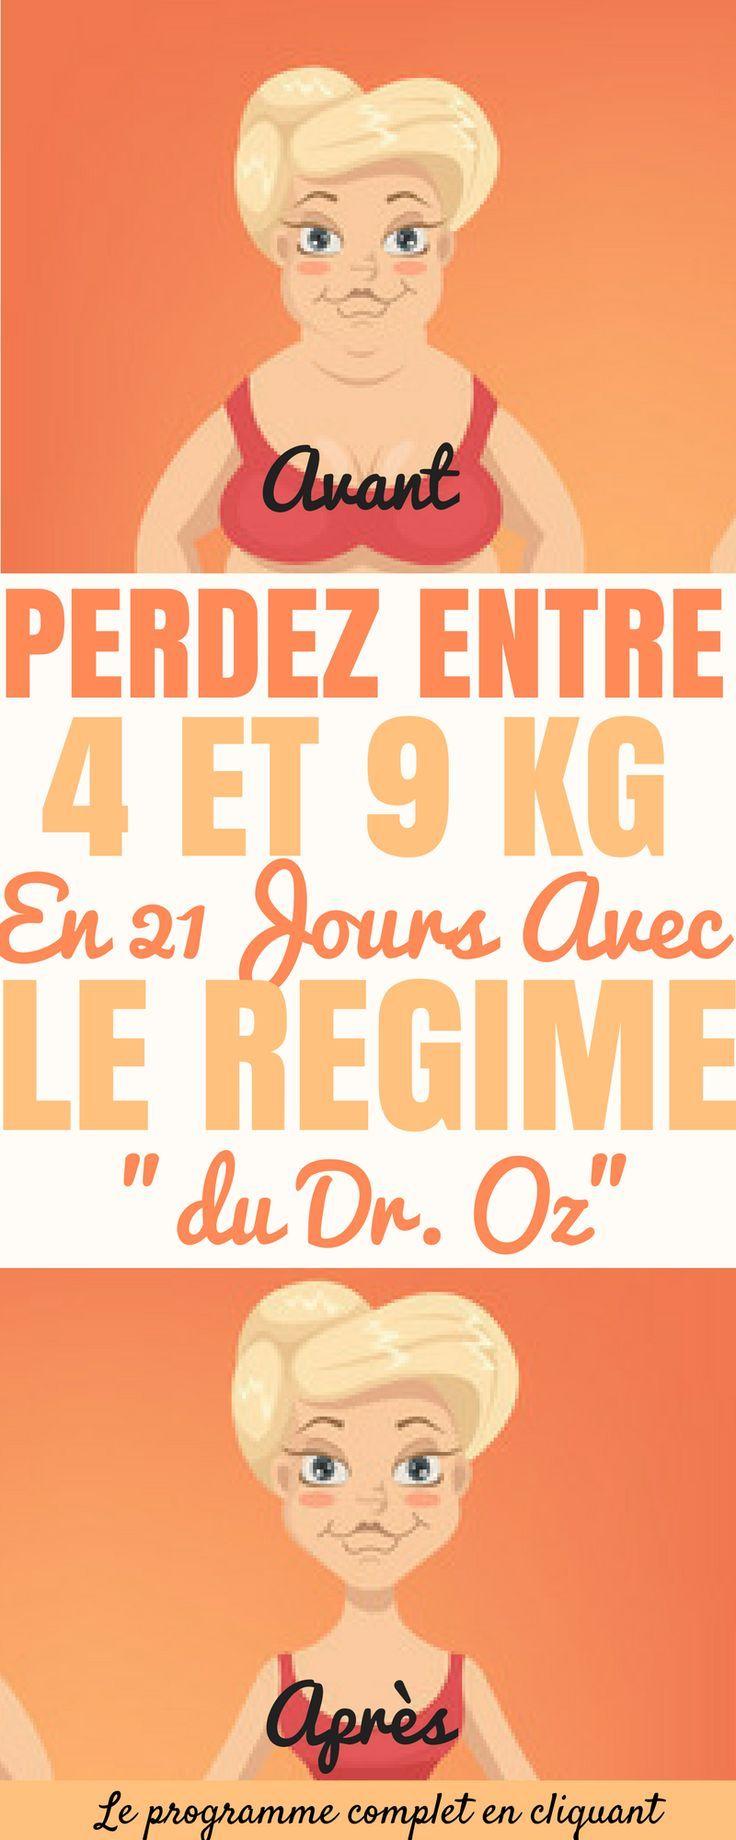 Si vous êtes tombés sur cette page, c'est que vous avez envie de perdre du poids ! En plus de vos poignés d'amour, vous pouvez perdre entre 4 et 9 kg en 21 jours.  En fait, avec ce régime, vous allez apprendre une nouvelle façon de manger. Ce programme de perte de poids est réalisé par le Dr Oz.  Le docteur Mehmet Oz est animateur d'émissions-débats et auteur de nombreux ouvrages sur l'alimentation et la santé. #santé #perdredupoids #maigrir #perdreduventre #maigrirsansstress #régime